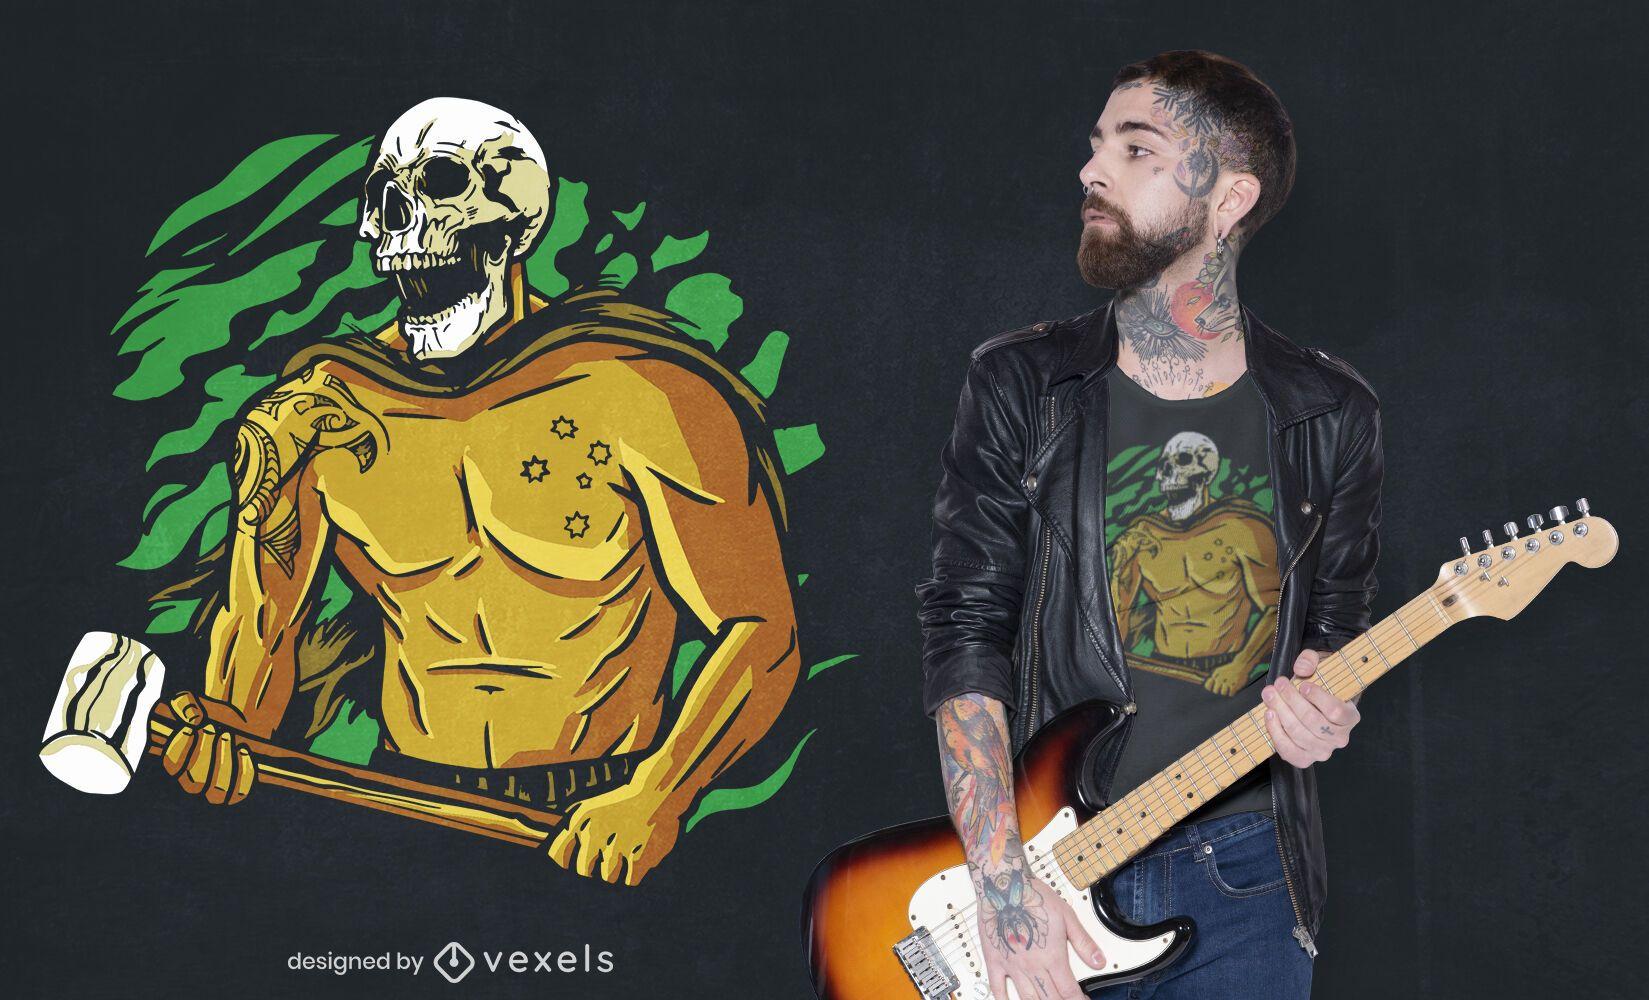 Design de camiseta com caveira do Ceifador